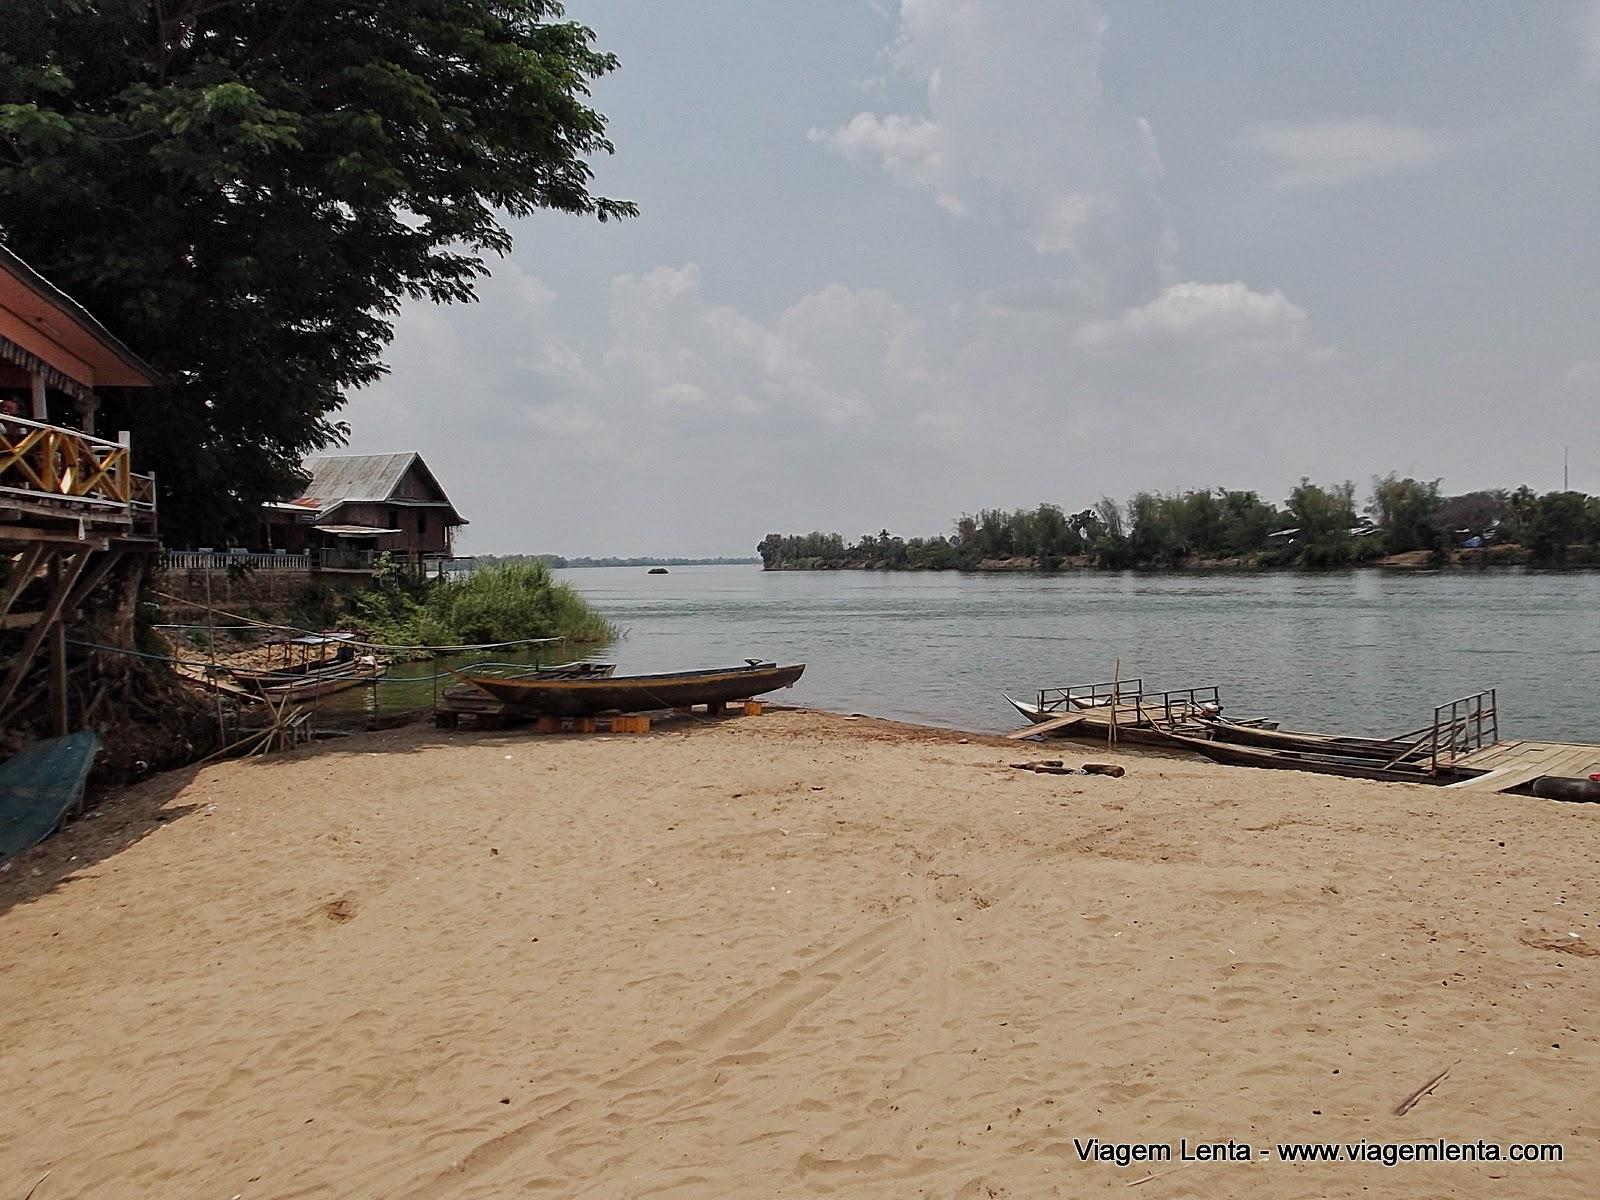 Viagem para Don Det e Don Khon - arquipélago Si Phan Don ou 4000 ilhas, localizadas no meio do rio Mekong, ao sul do Laos.